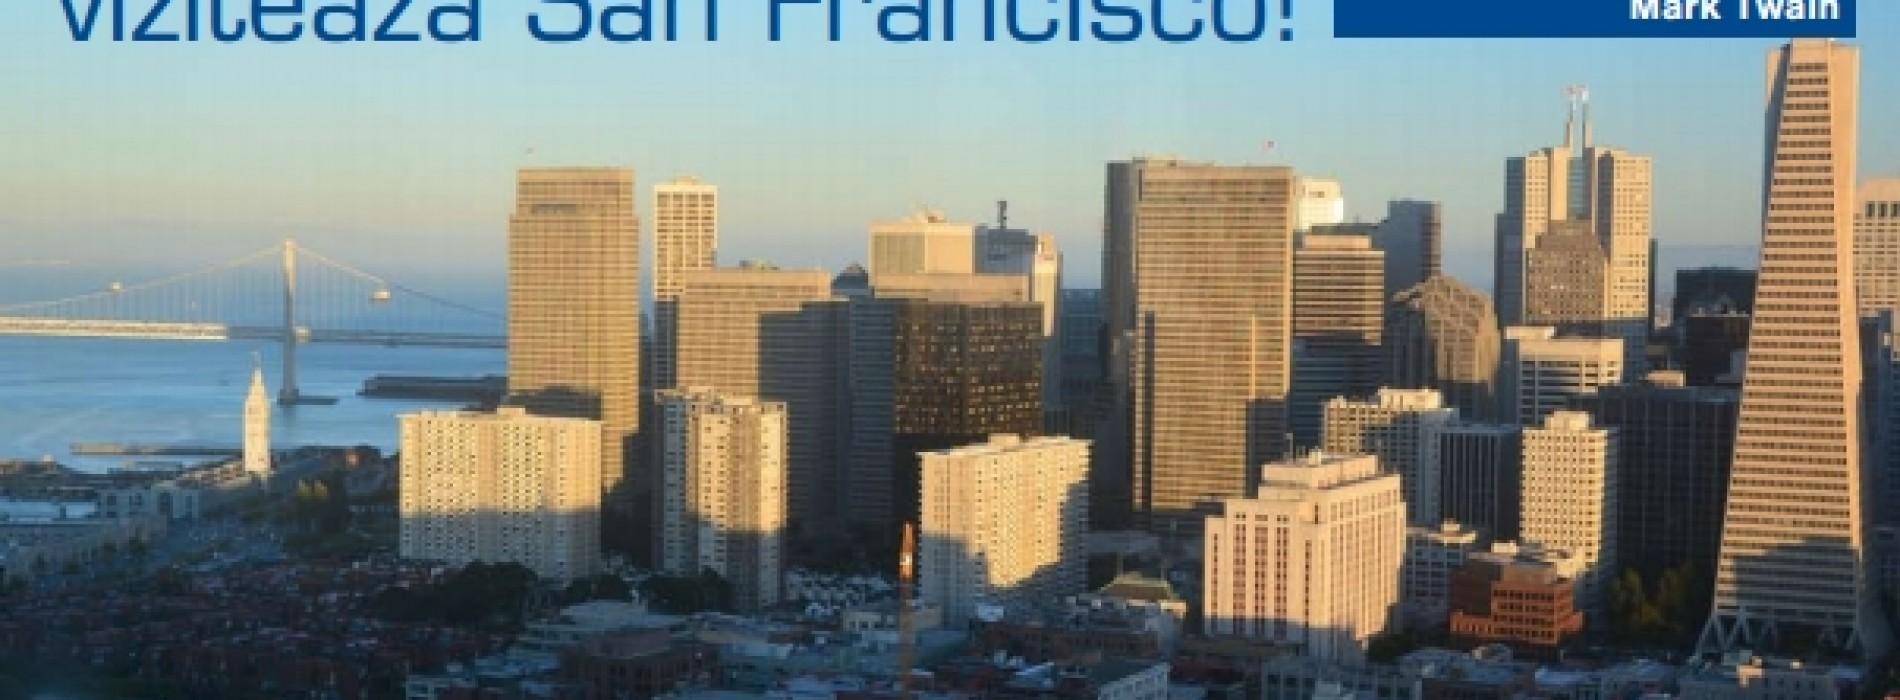 Cel puţin o dată în viaţă, vizitează San Francisco!